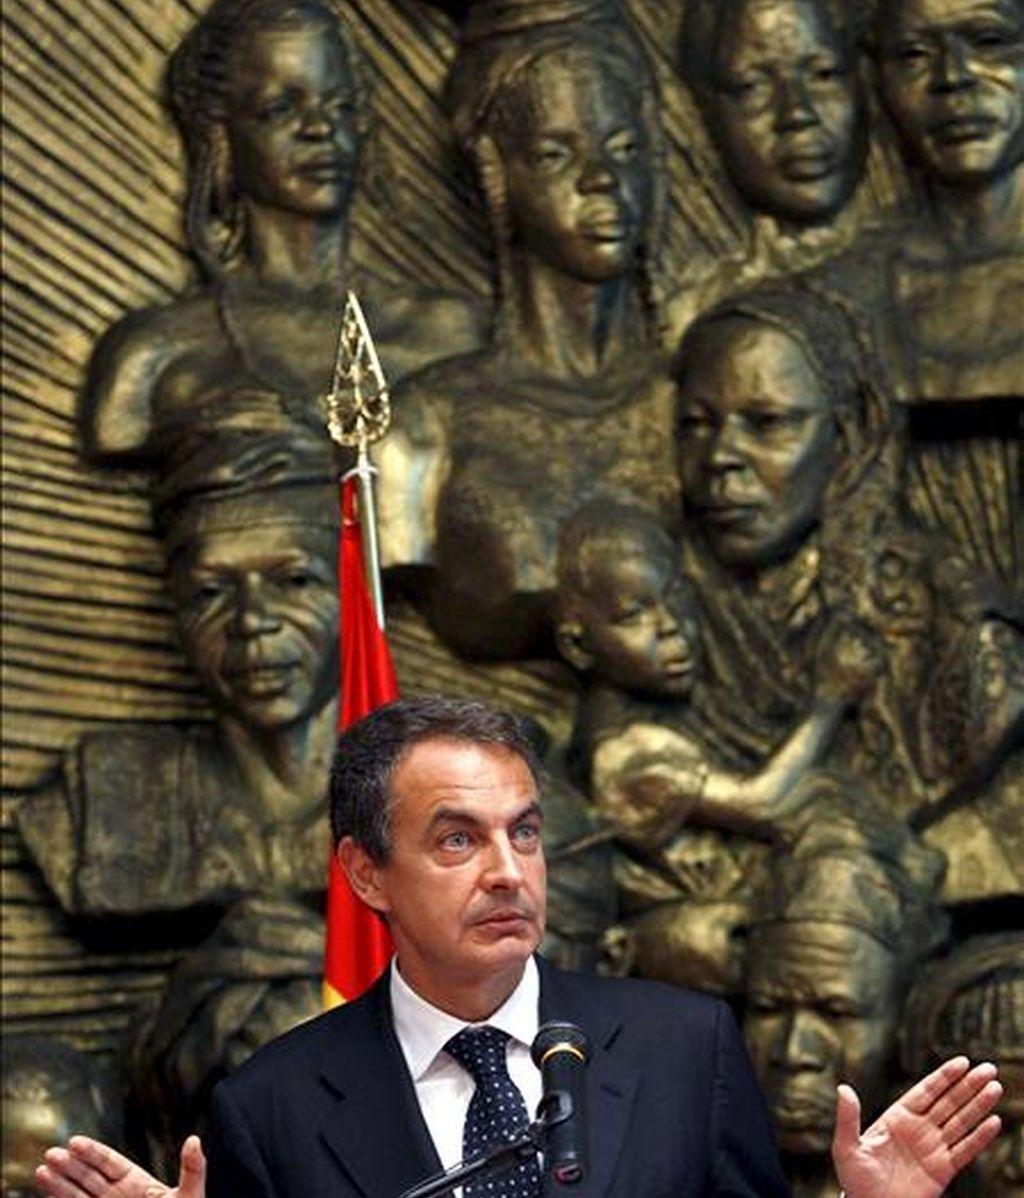 El presidente del Gobierno, José Luis Rodríguez Zapatero, durante la rueda de prensa que ofreció, junto al presidente nigeriano, Umaru Musa Yar'Adua, tras reunirse en el Palacio Presidencial, hoy en Abuja, dentro de la visita que realiza Rodríguez Zapatero a este país. EFE